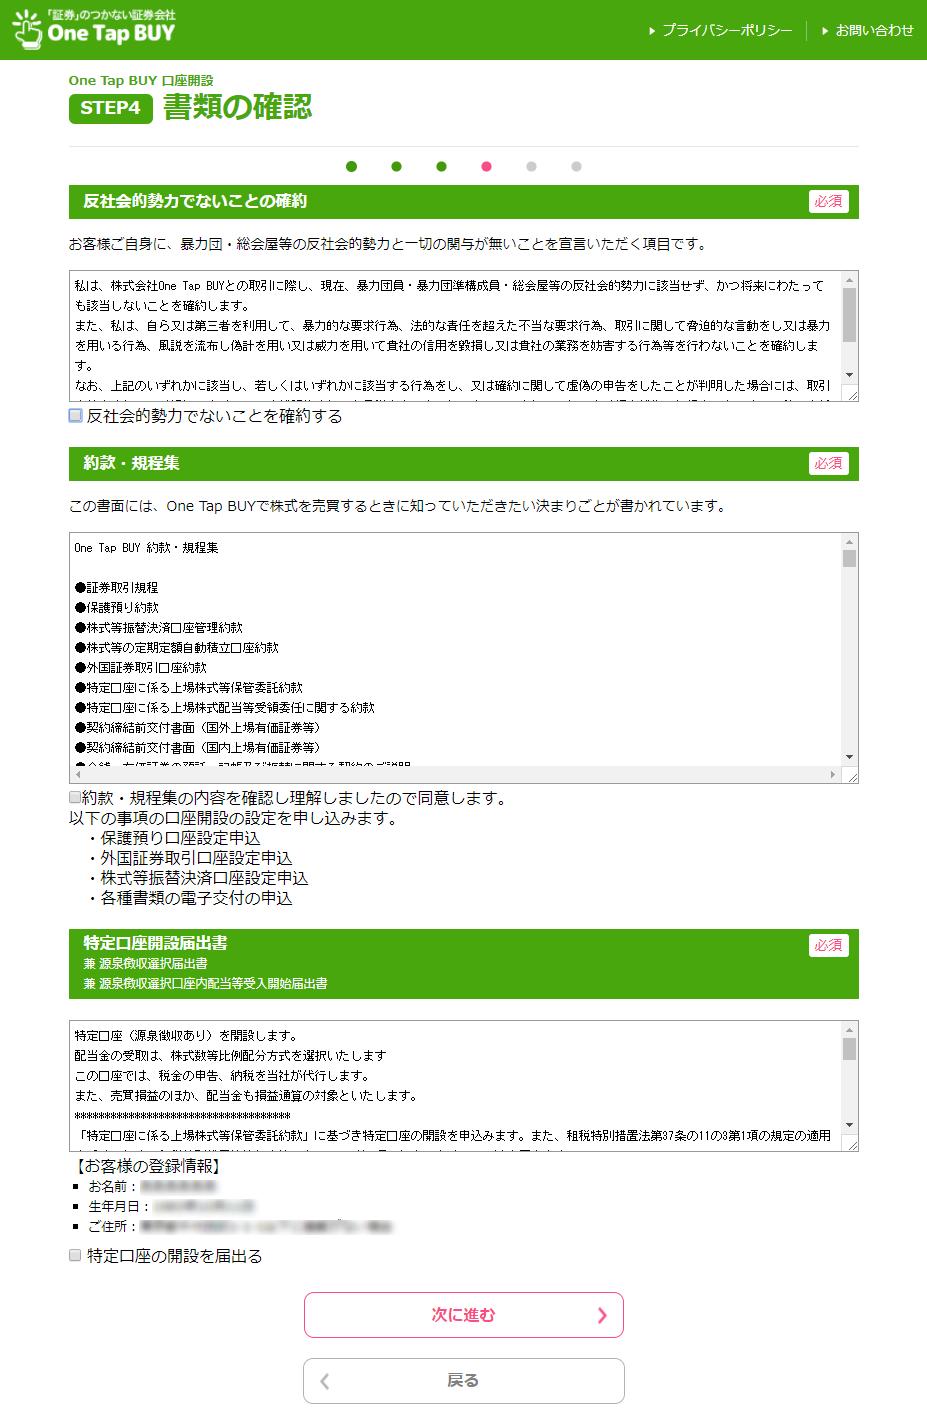 OneTapBUY_口座開設申込み流れ⑤